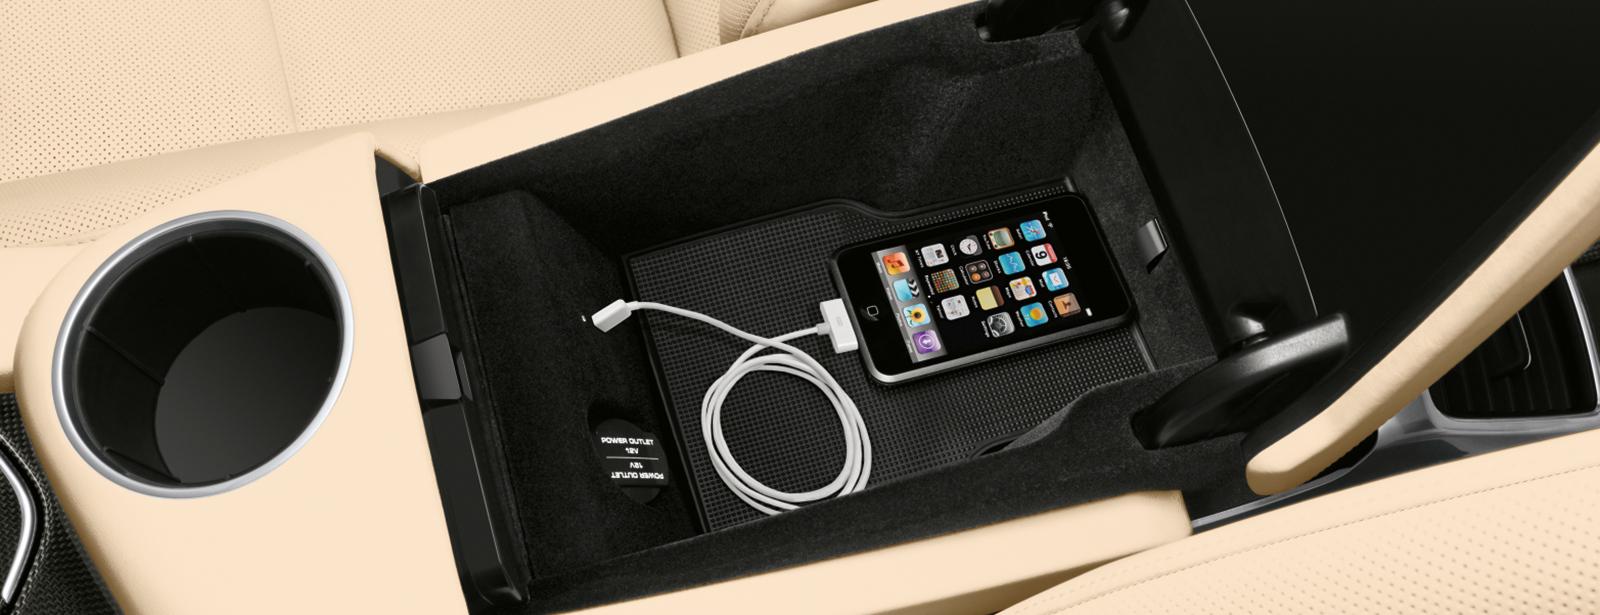 iPod / USB Schnittstelle